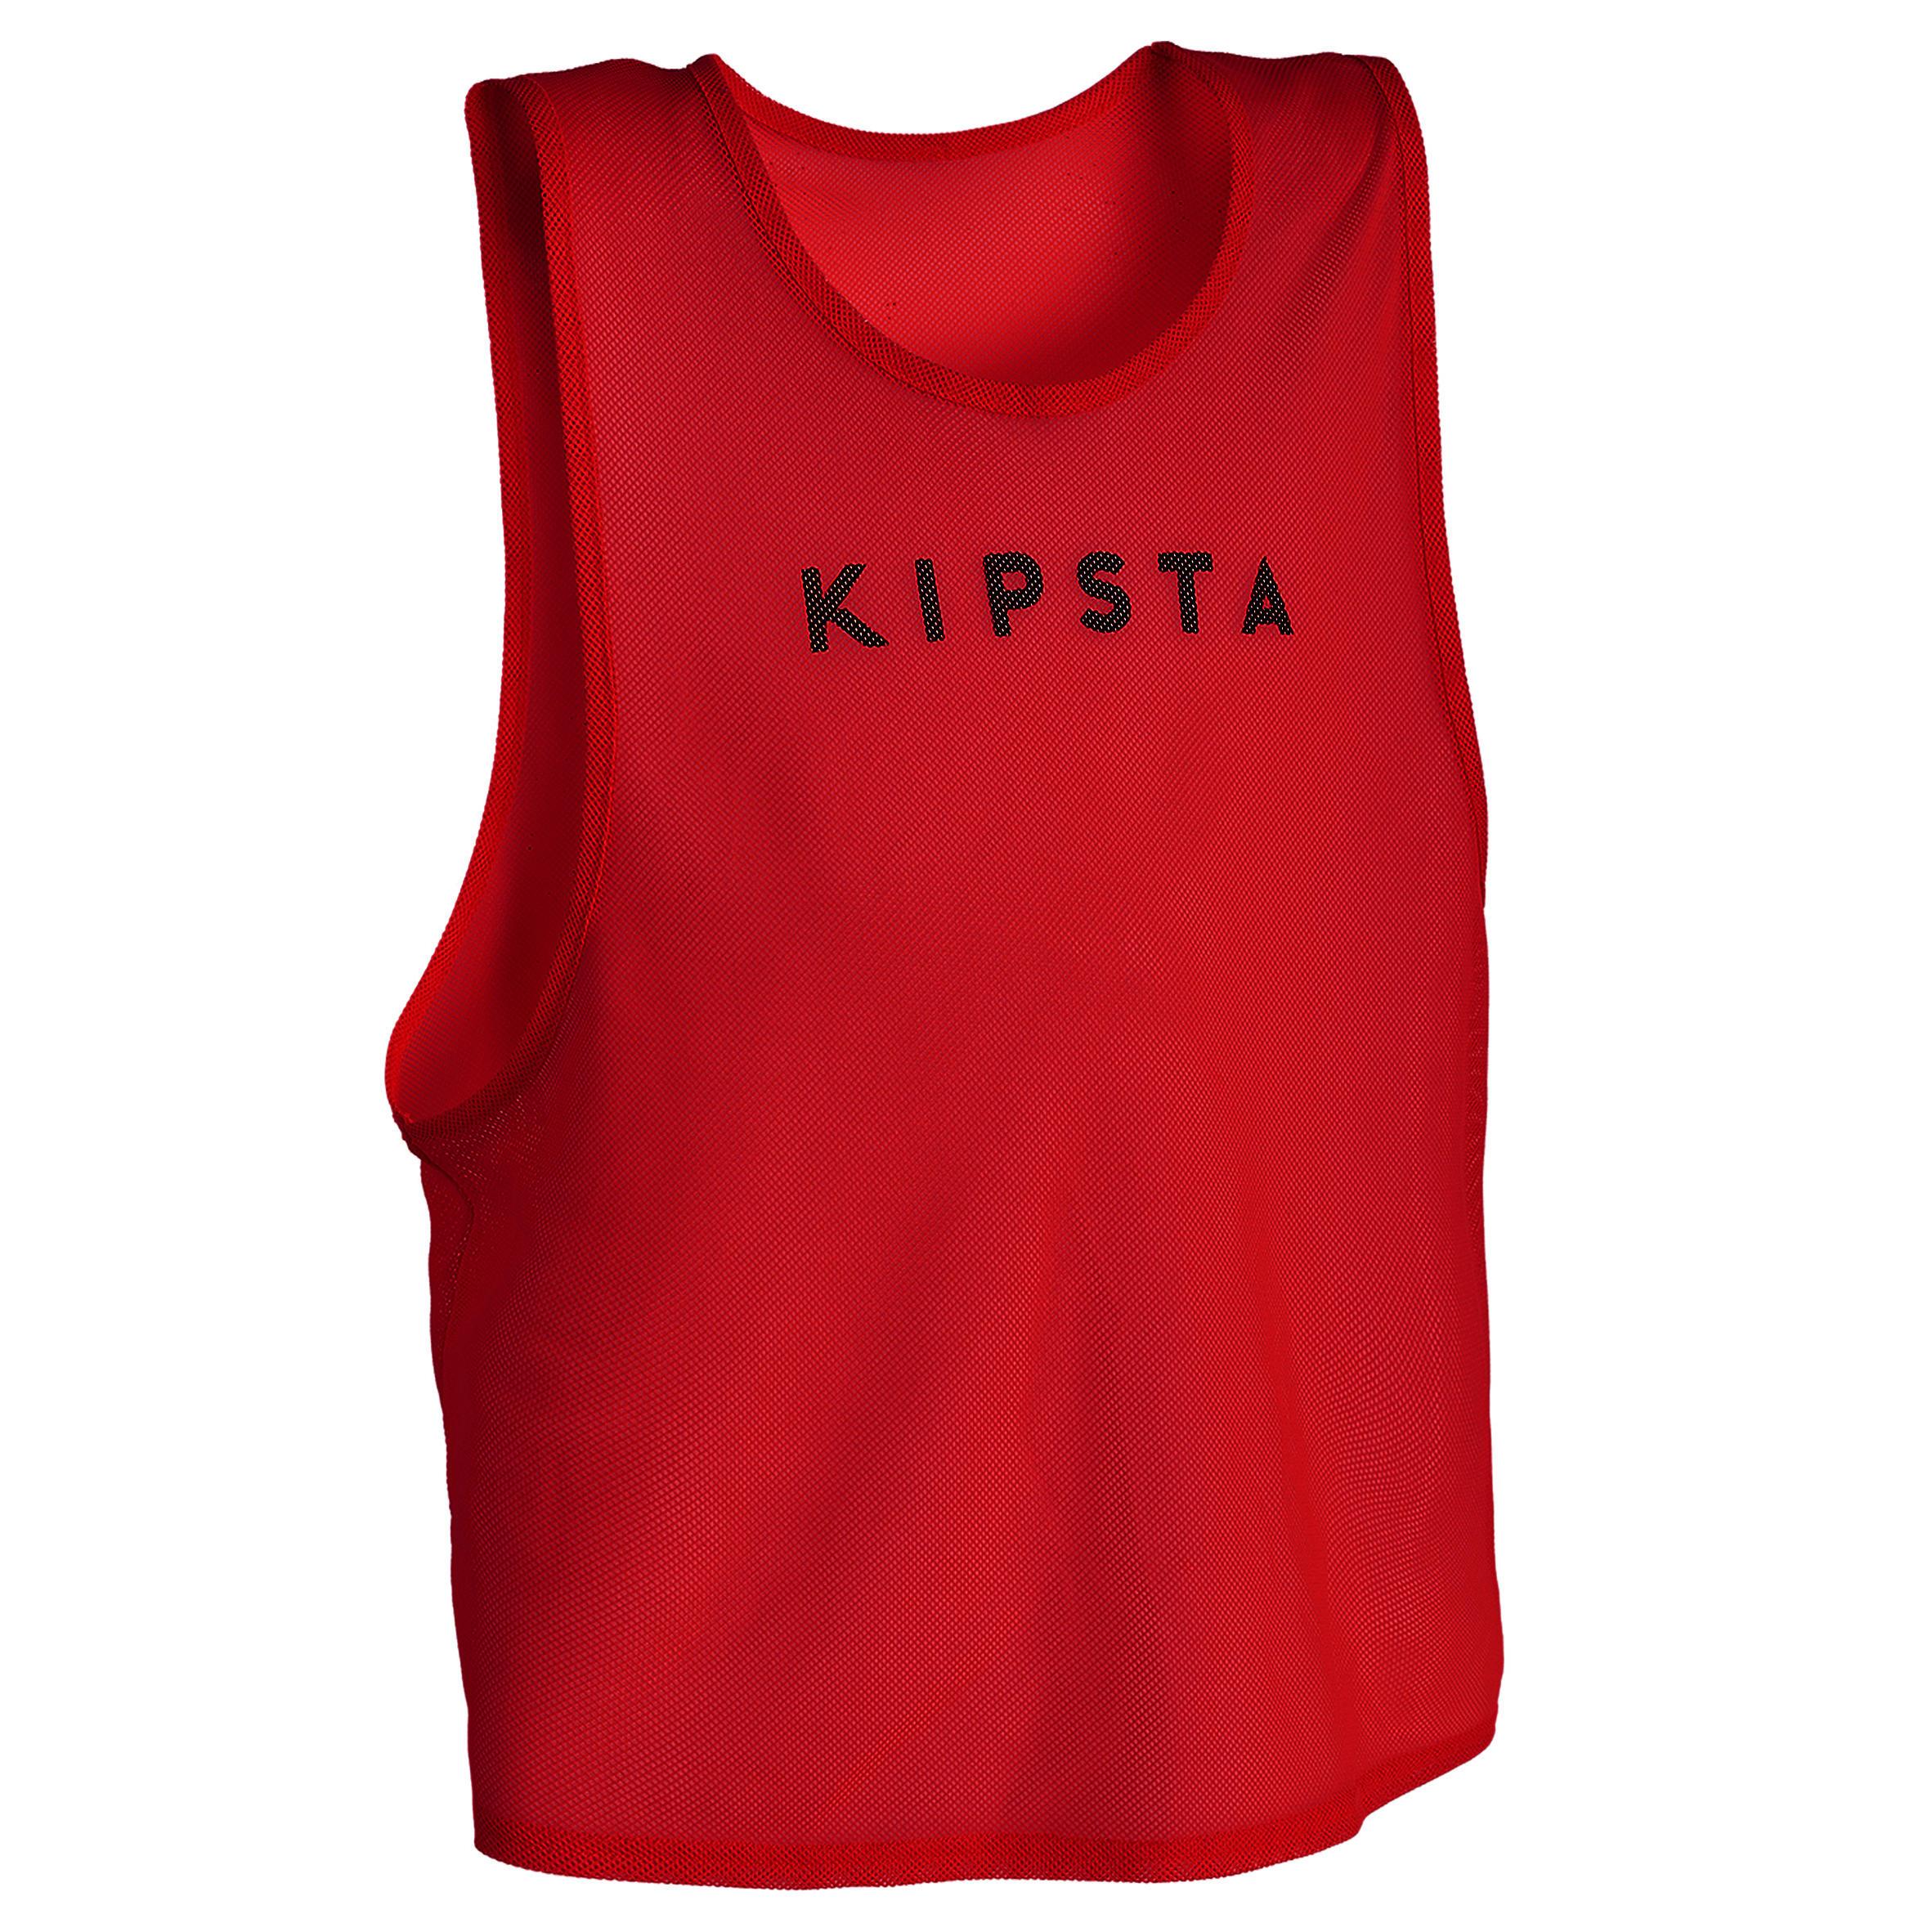 Kipsta Trainingshesje volwassenen rood kopen? Sport>Trainingsmateriaal>Trainingshesjes met voordeel vind je hier